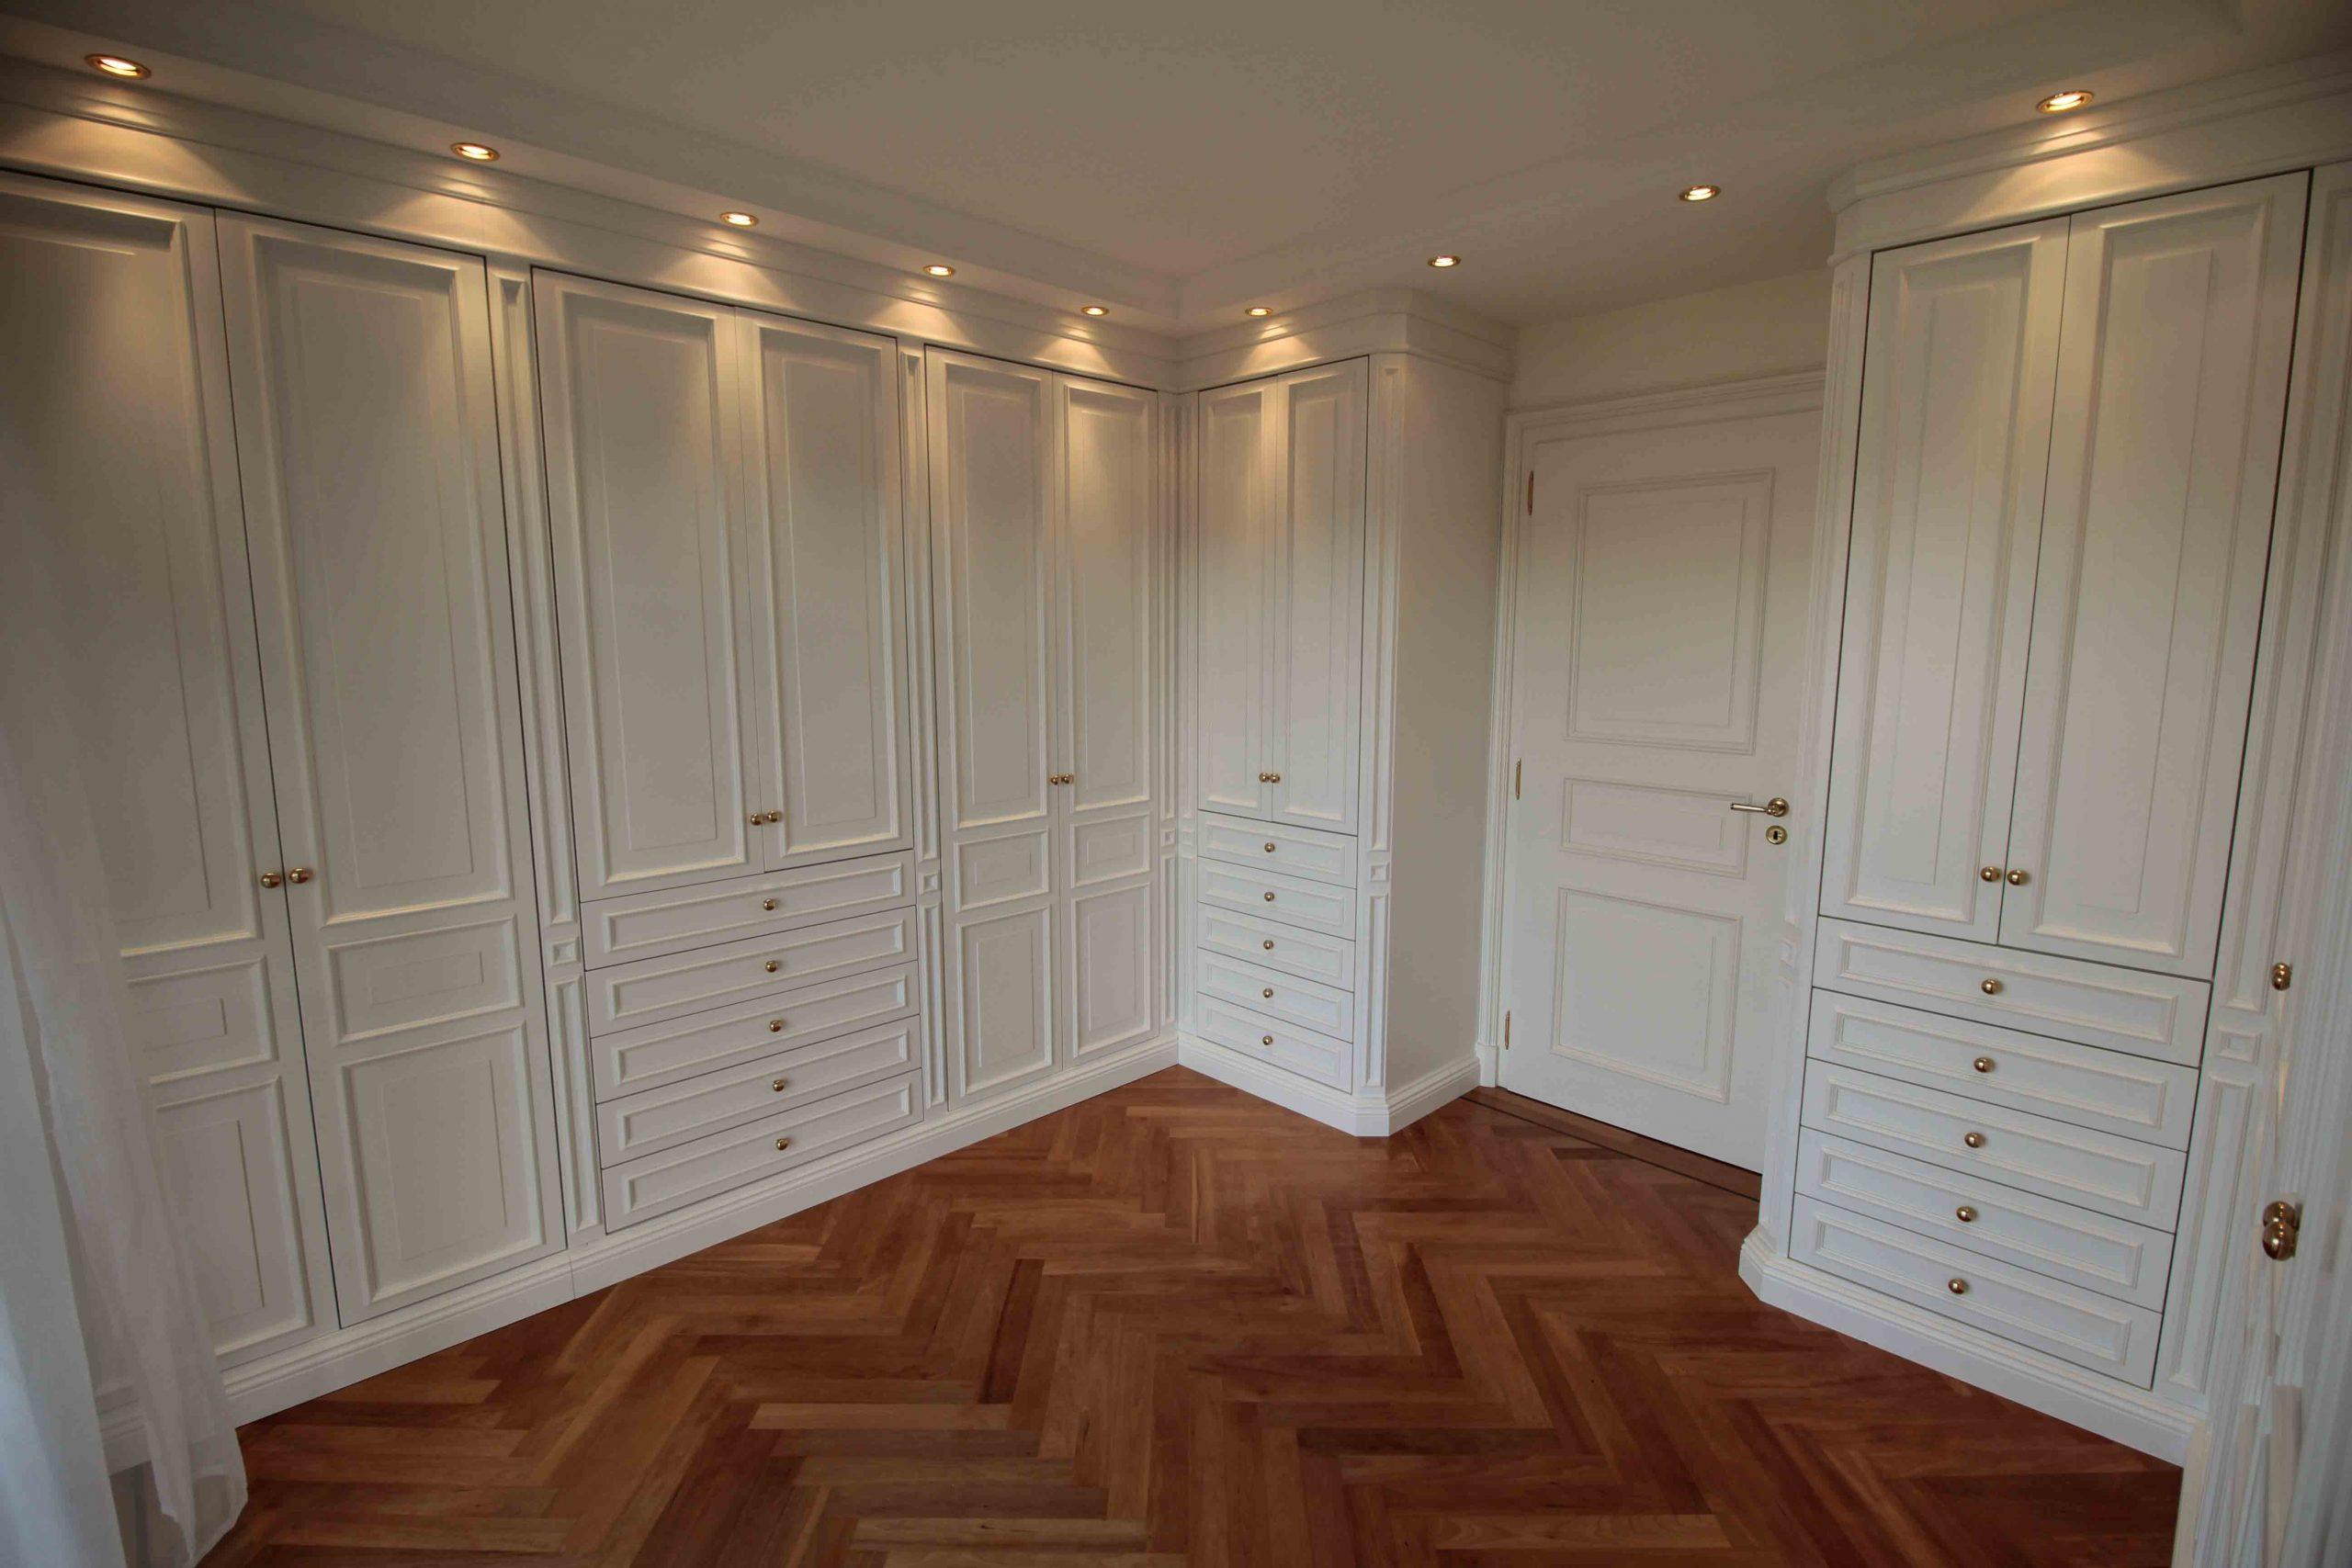 Ankleidezimmer mit Rahmentüren profiliert.